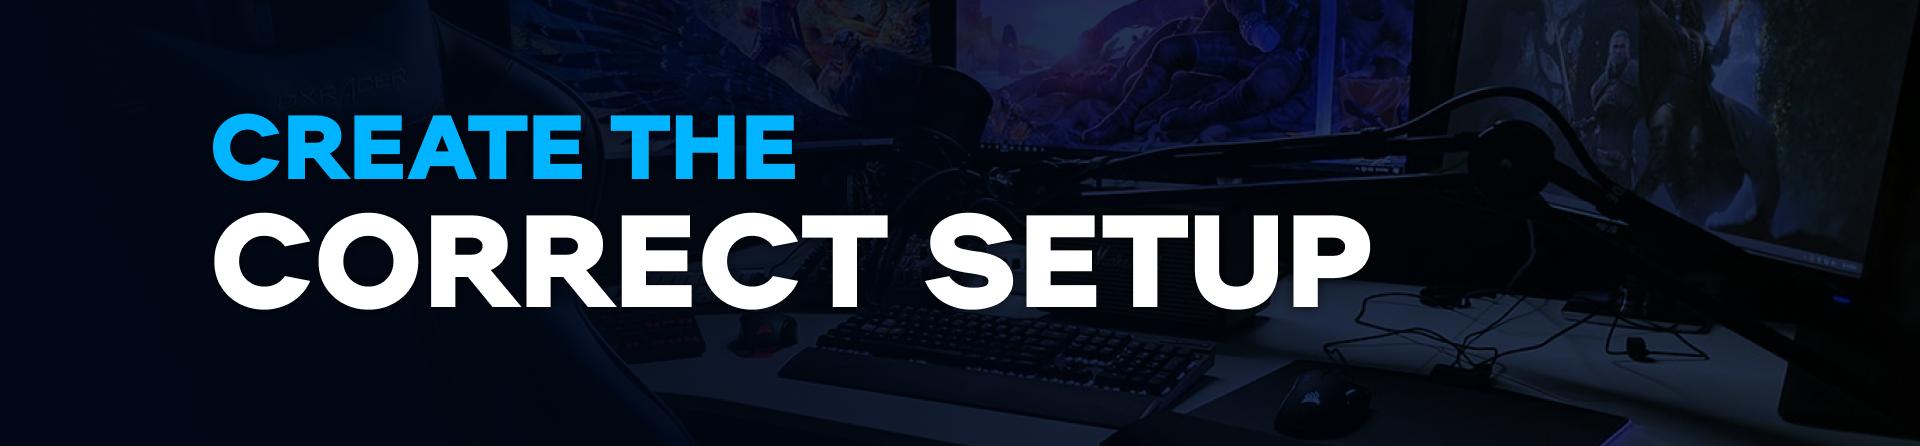 Create the correct setup